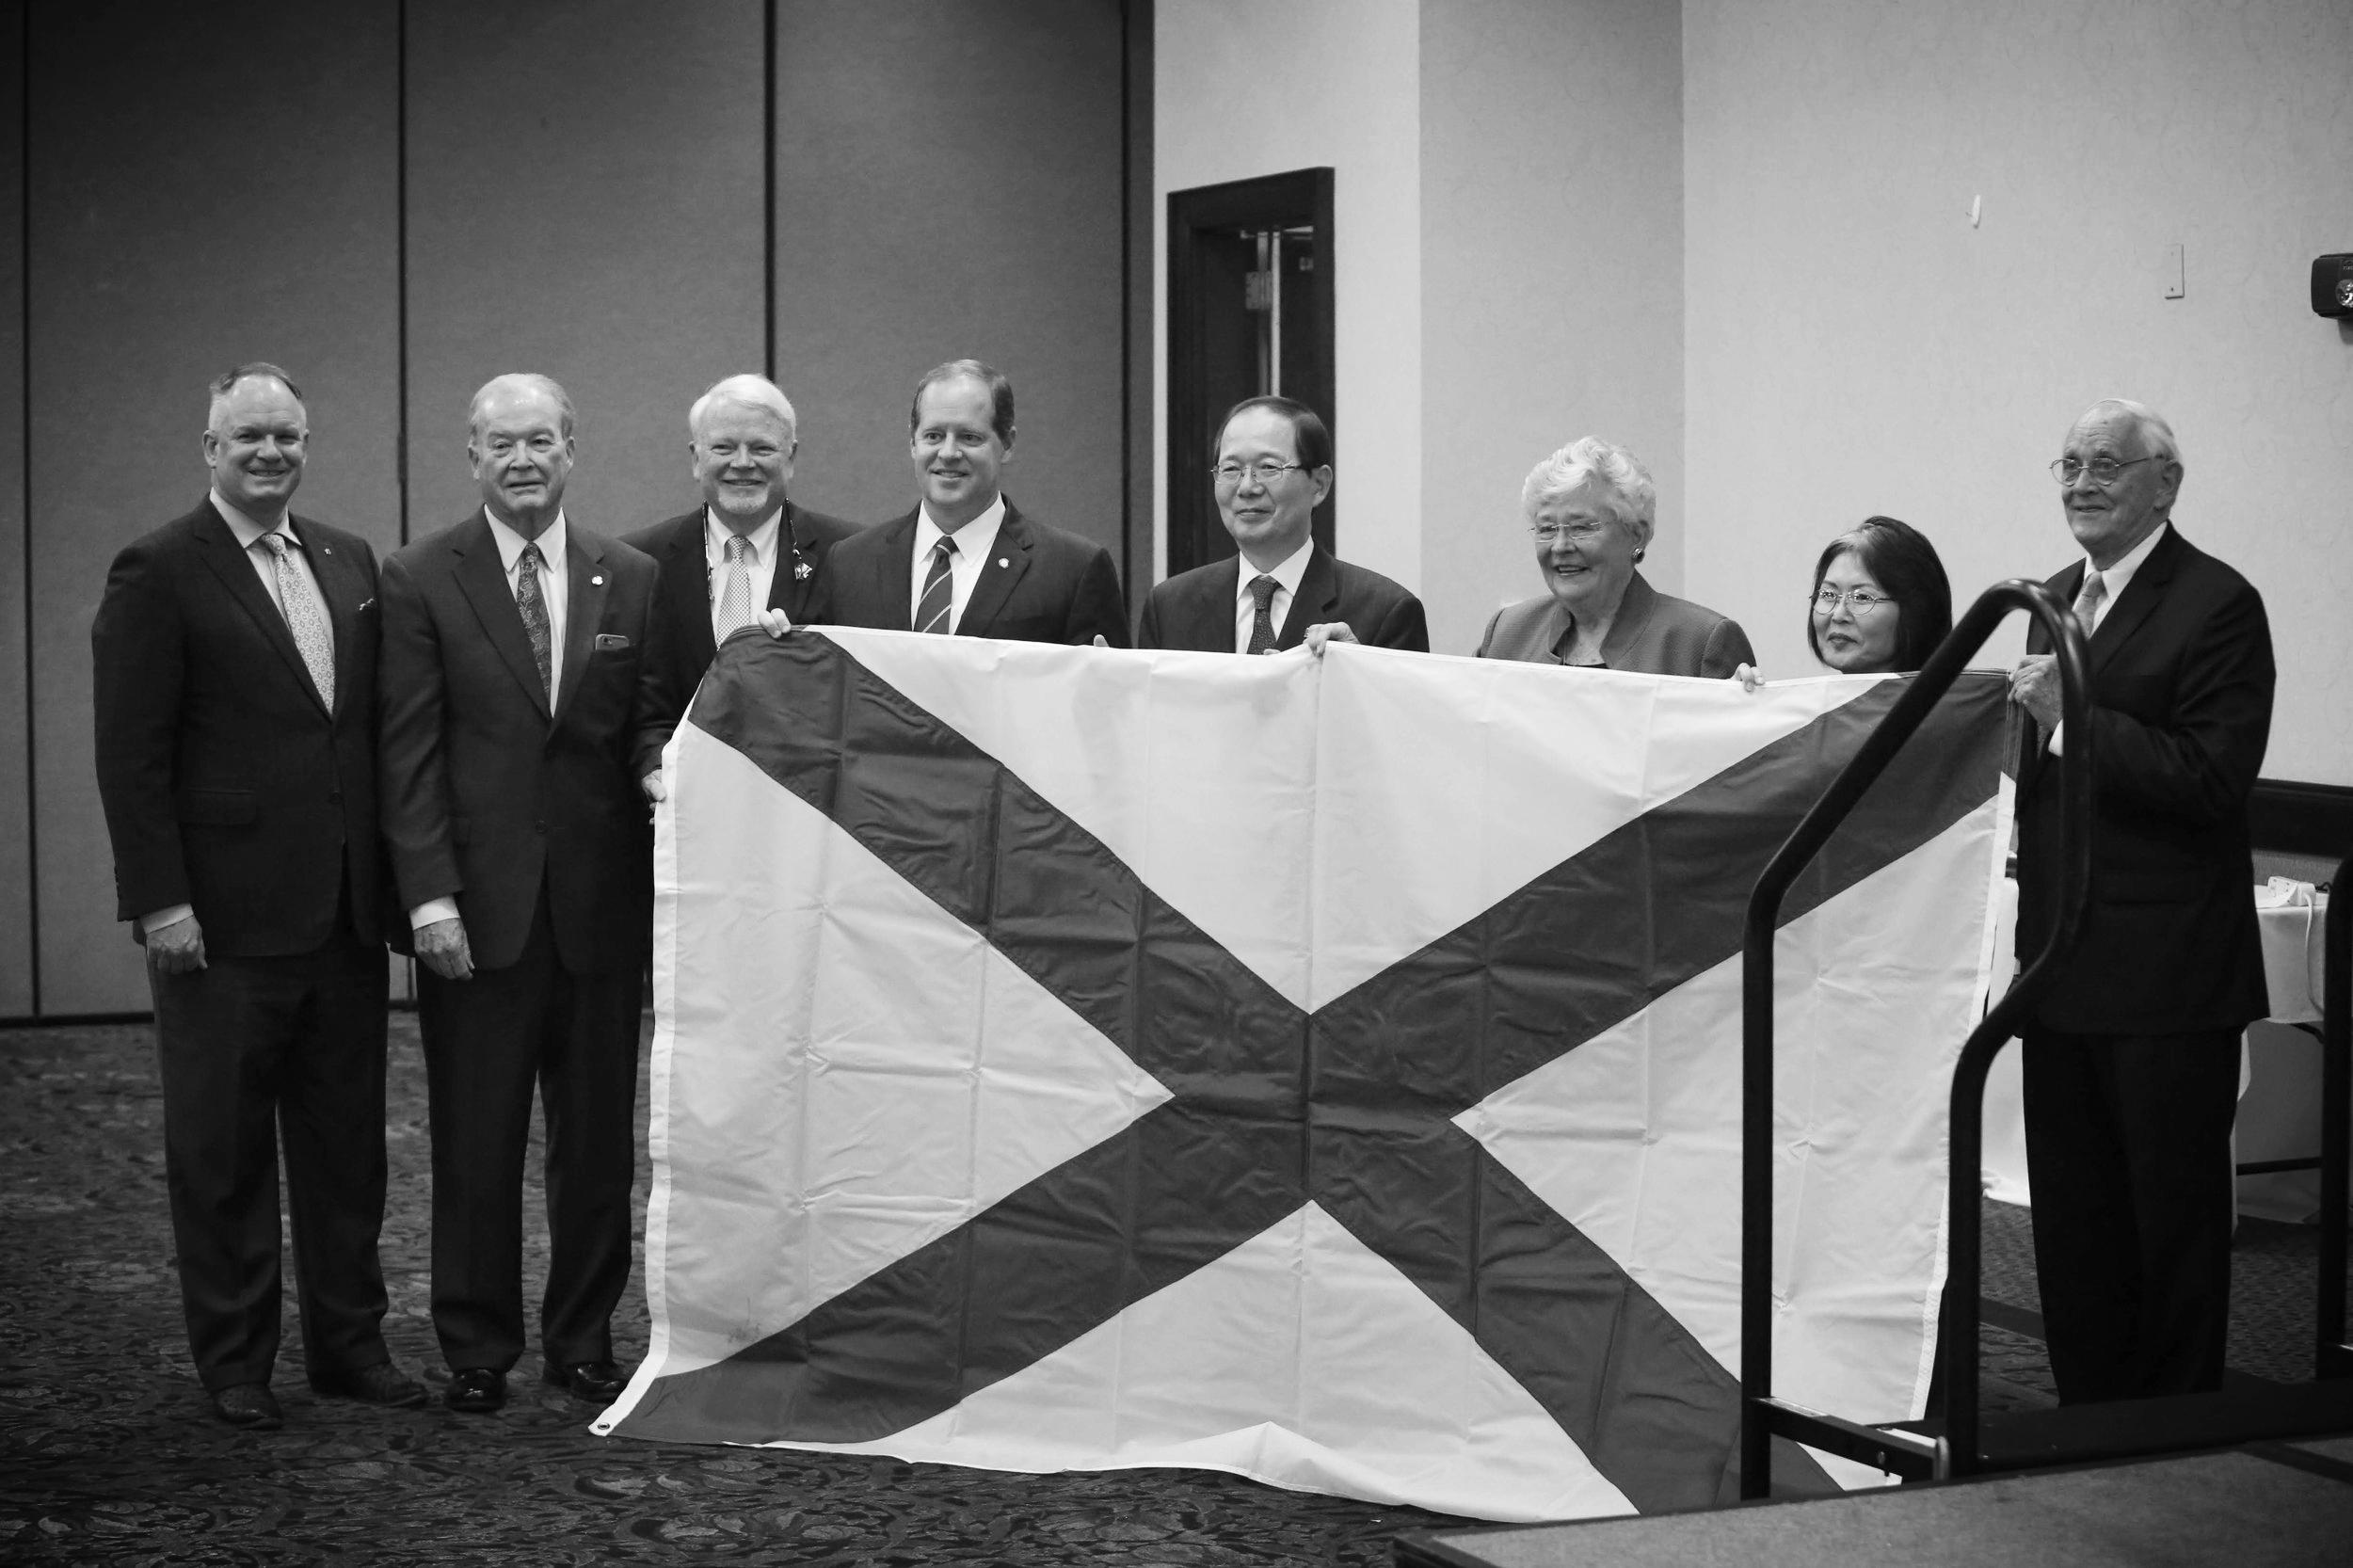 Holding the Alabama flag